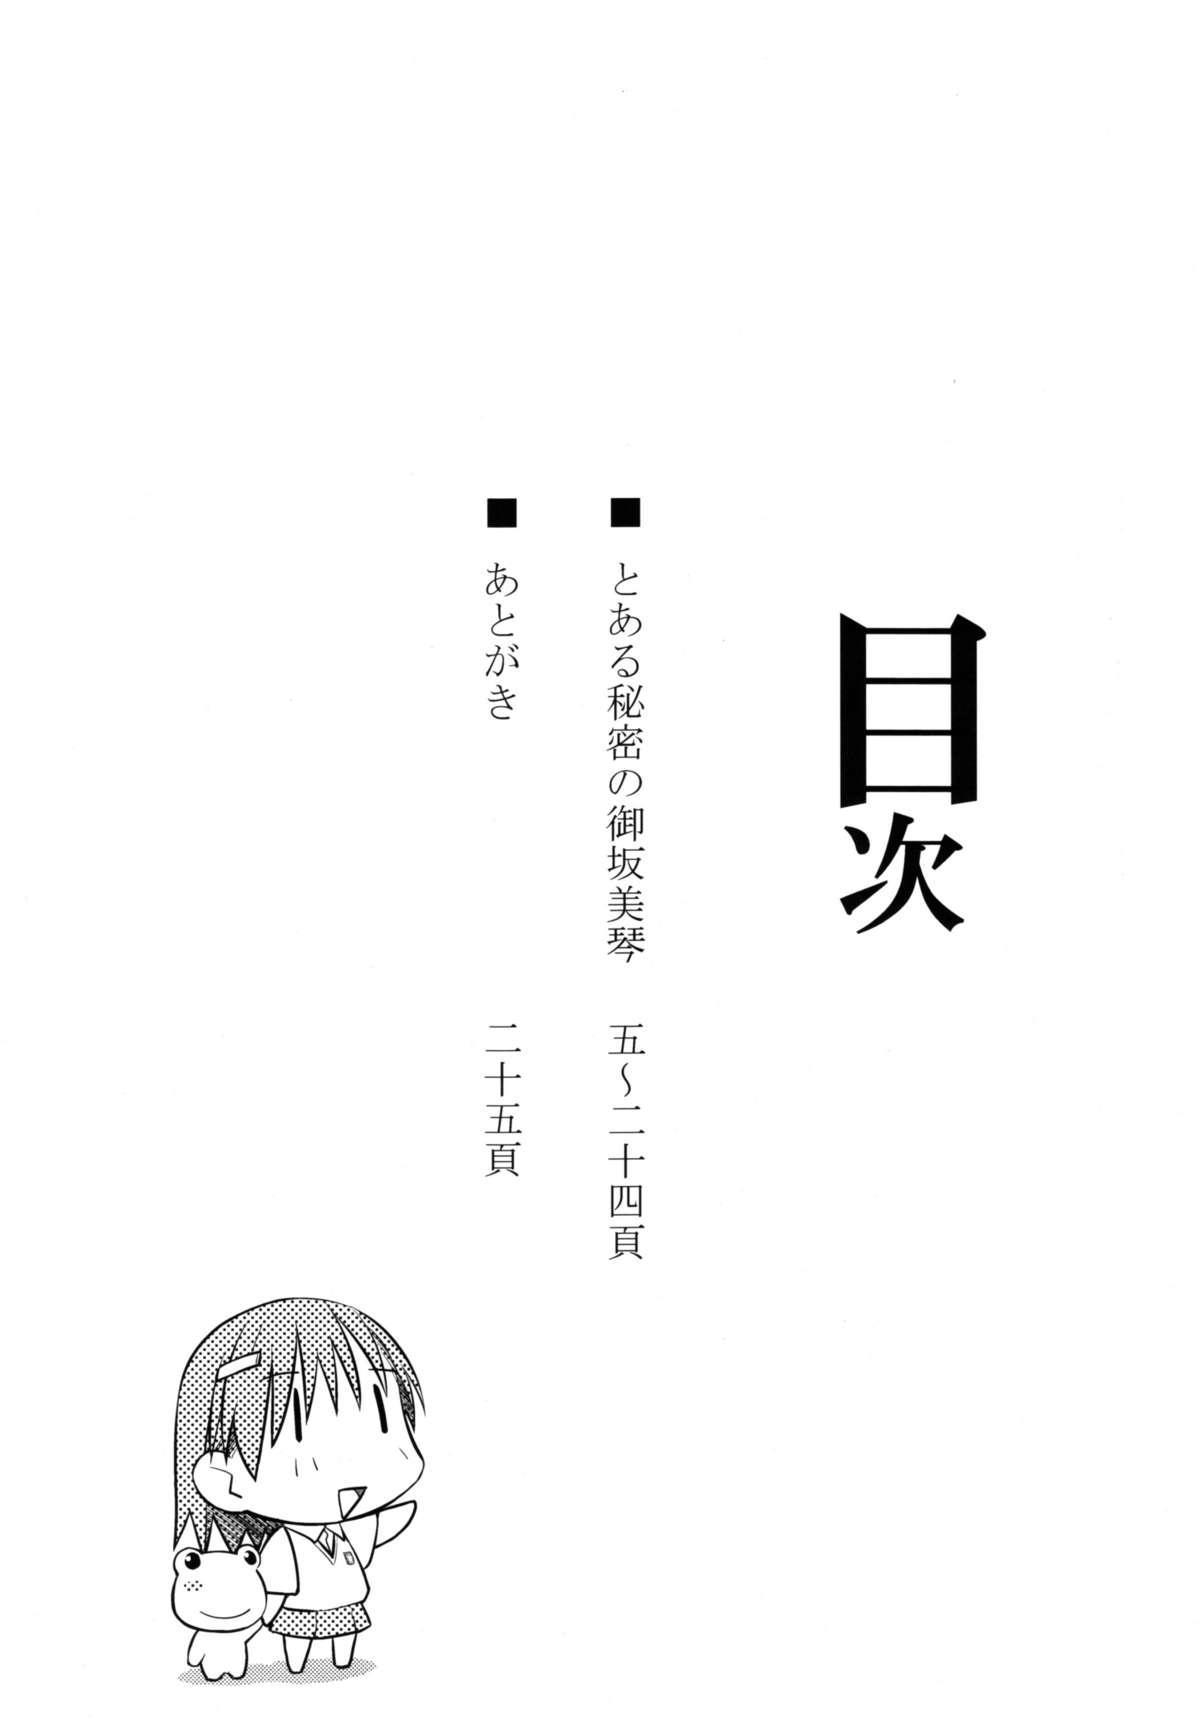 Toaru Himitsu no Onee-sama 2